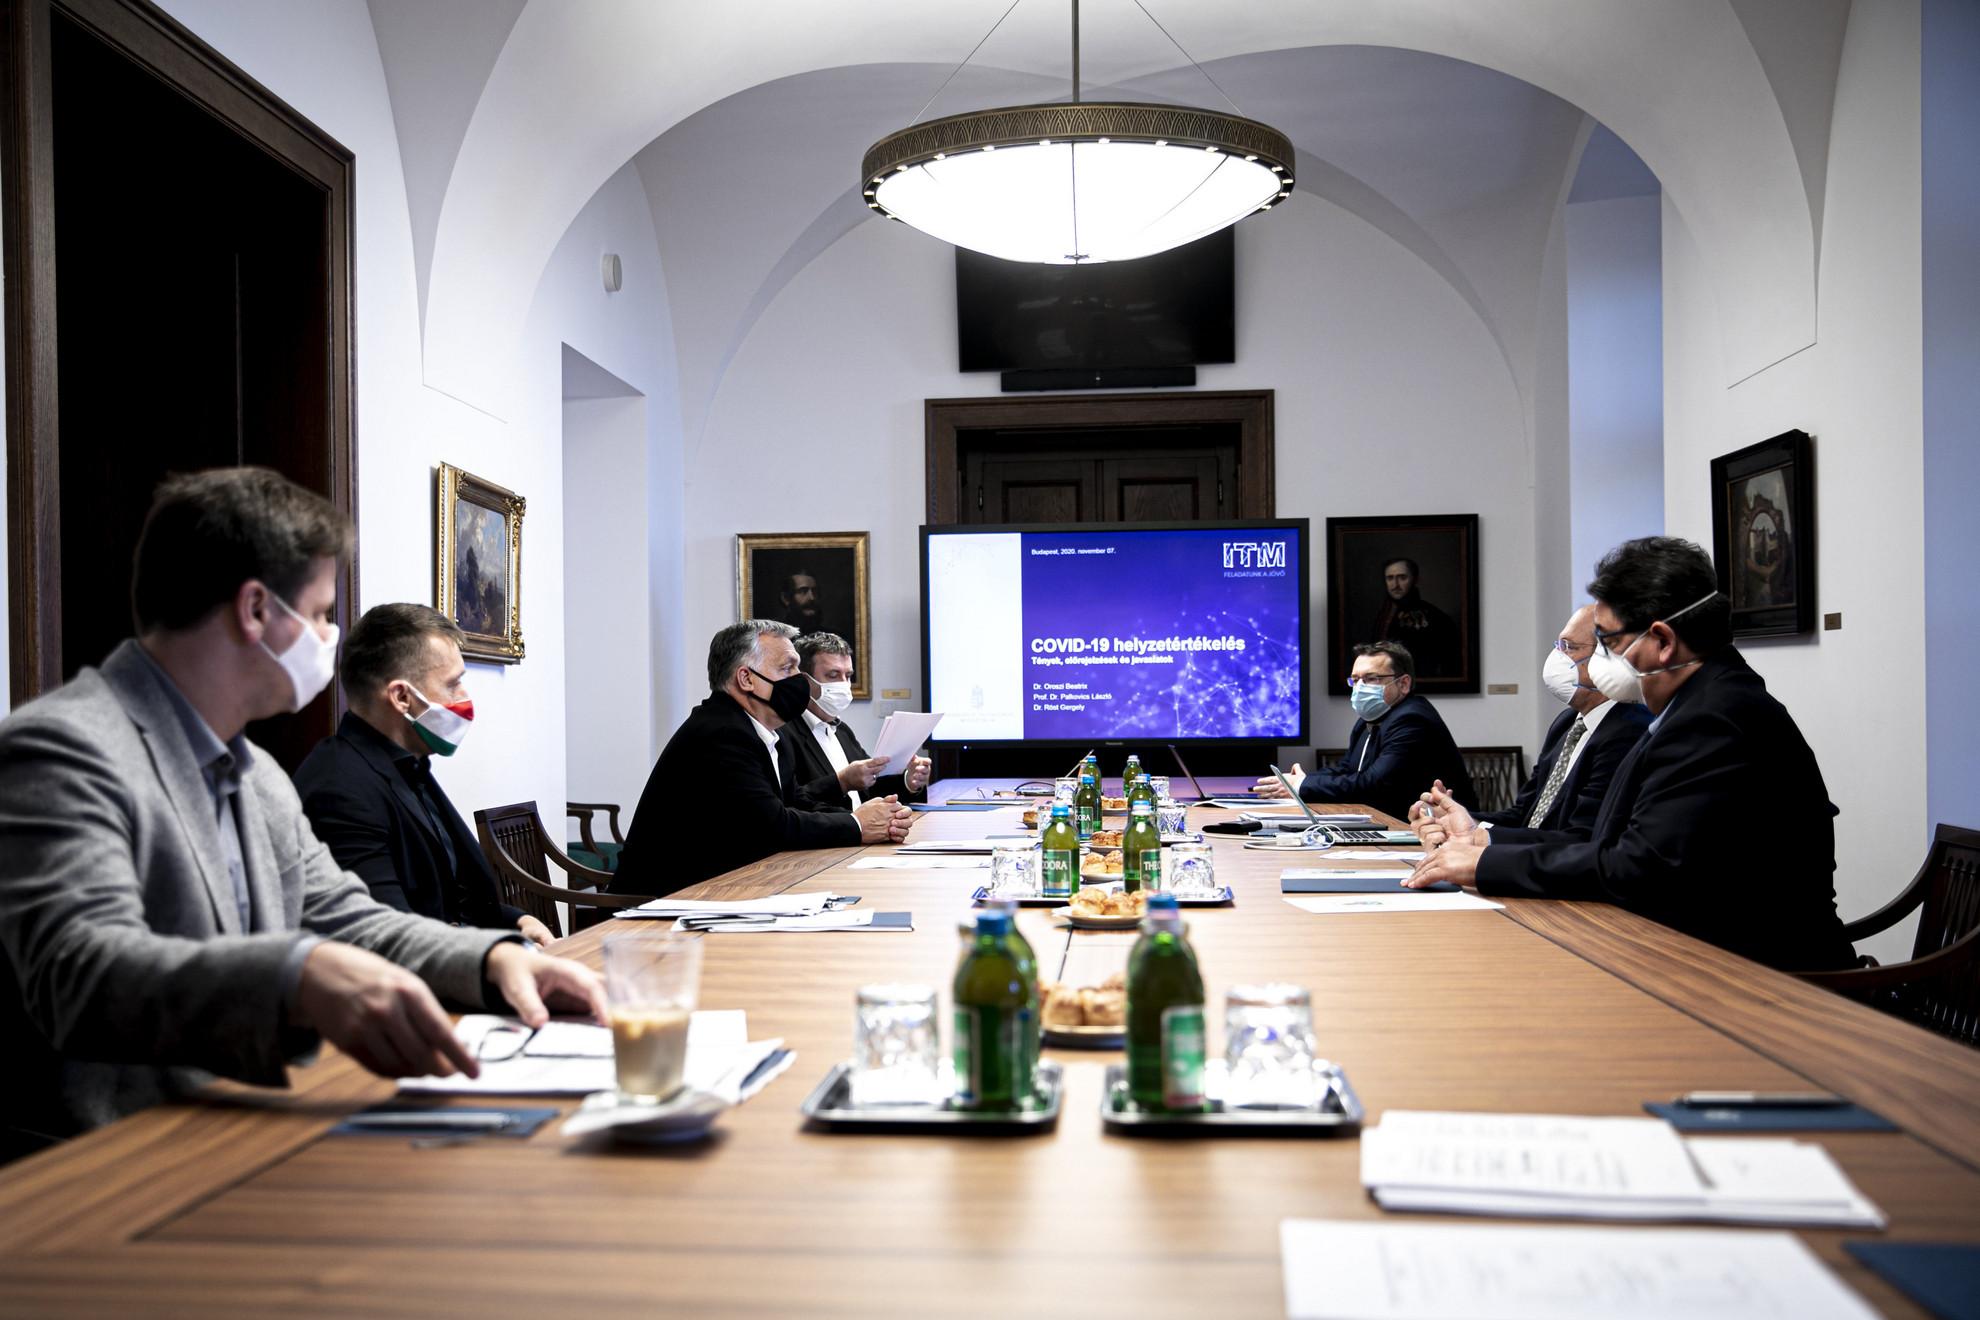 Orbán Viktor miniszterelnök (b3) tudományos szakemberekkel tanácskozik a Karmelita kolostorban 2020. november 7-én. Mellette Gulyás Gergely, a Miniszterelnökséget vezető miniszter (b), Rogán Antal, a Miniszterelnöki Kabinetirodát vezető miniszter (b2), Palkovics László innovációs és technológiai miniszter (b4), szemben Merkely Béla, a Semmelweis Egyetem rektora (j), Szócska Miklós, a Semmelweis Egyetem egészségügyi közszolgálati karának dékánja (j2) és Röst Gergely, a Szegedi Tudományegyetem járványtannal foglalkozó matematikusa (j3